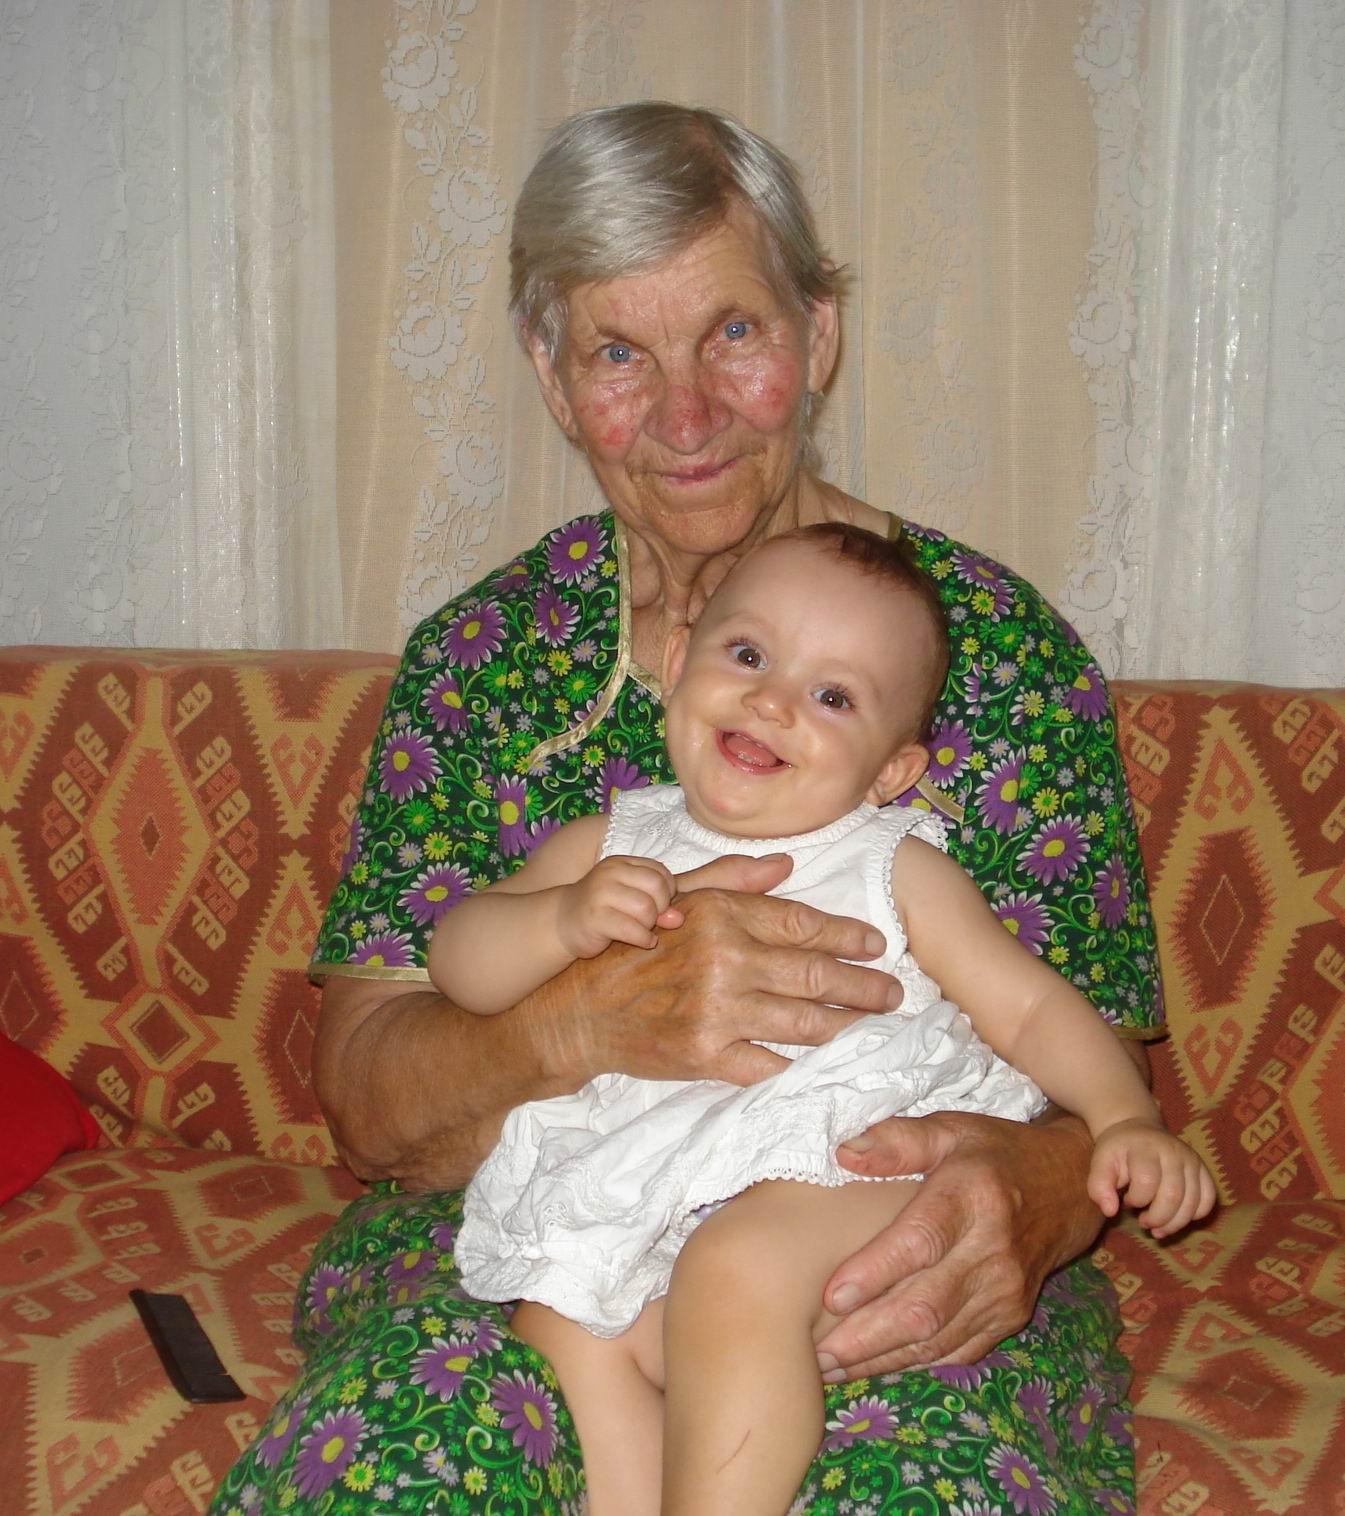 Милуся и пробабушка Маша. Стар и мал